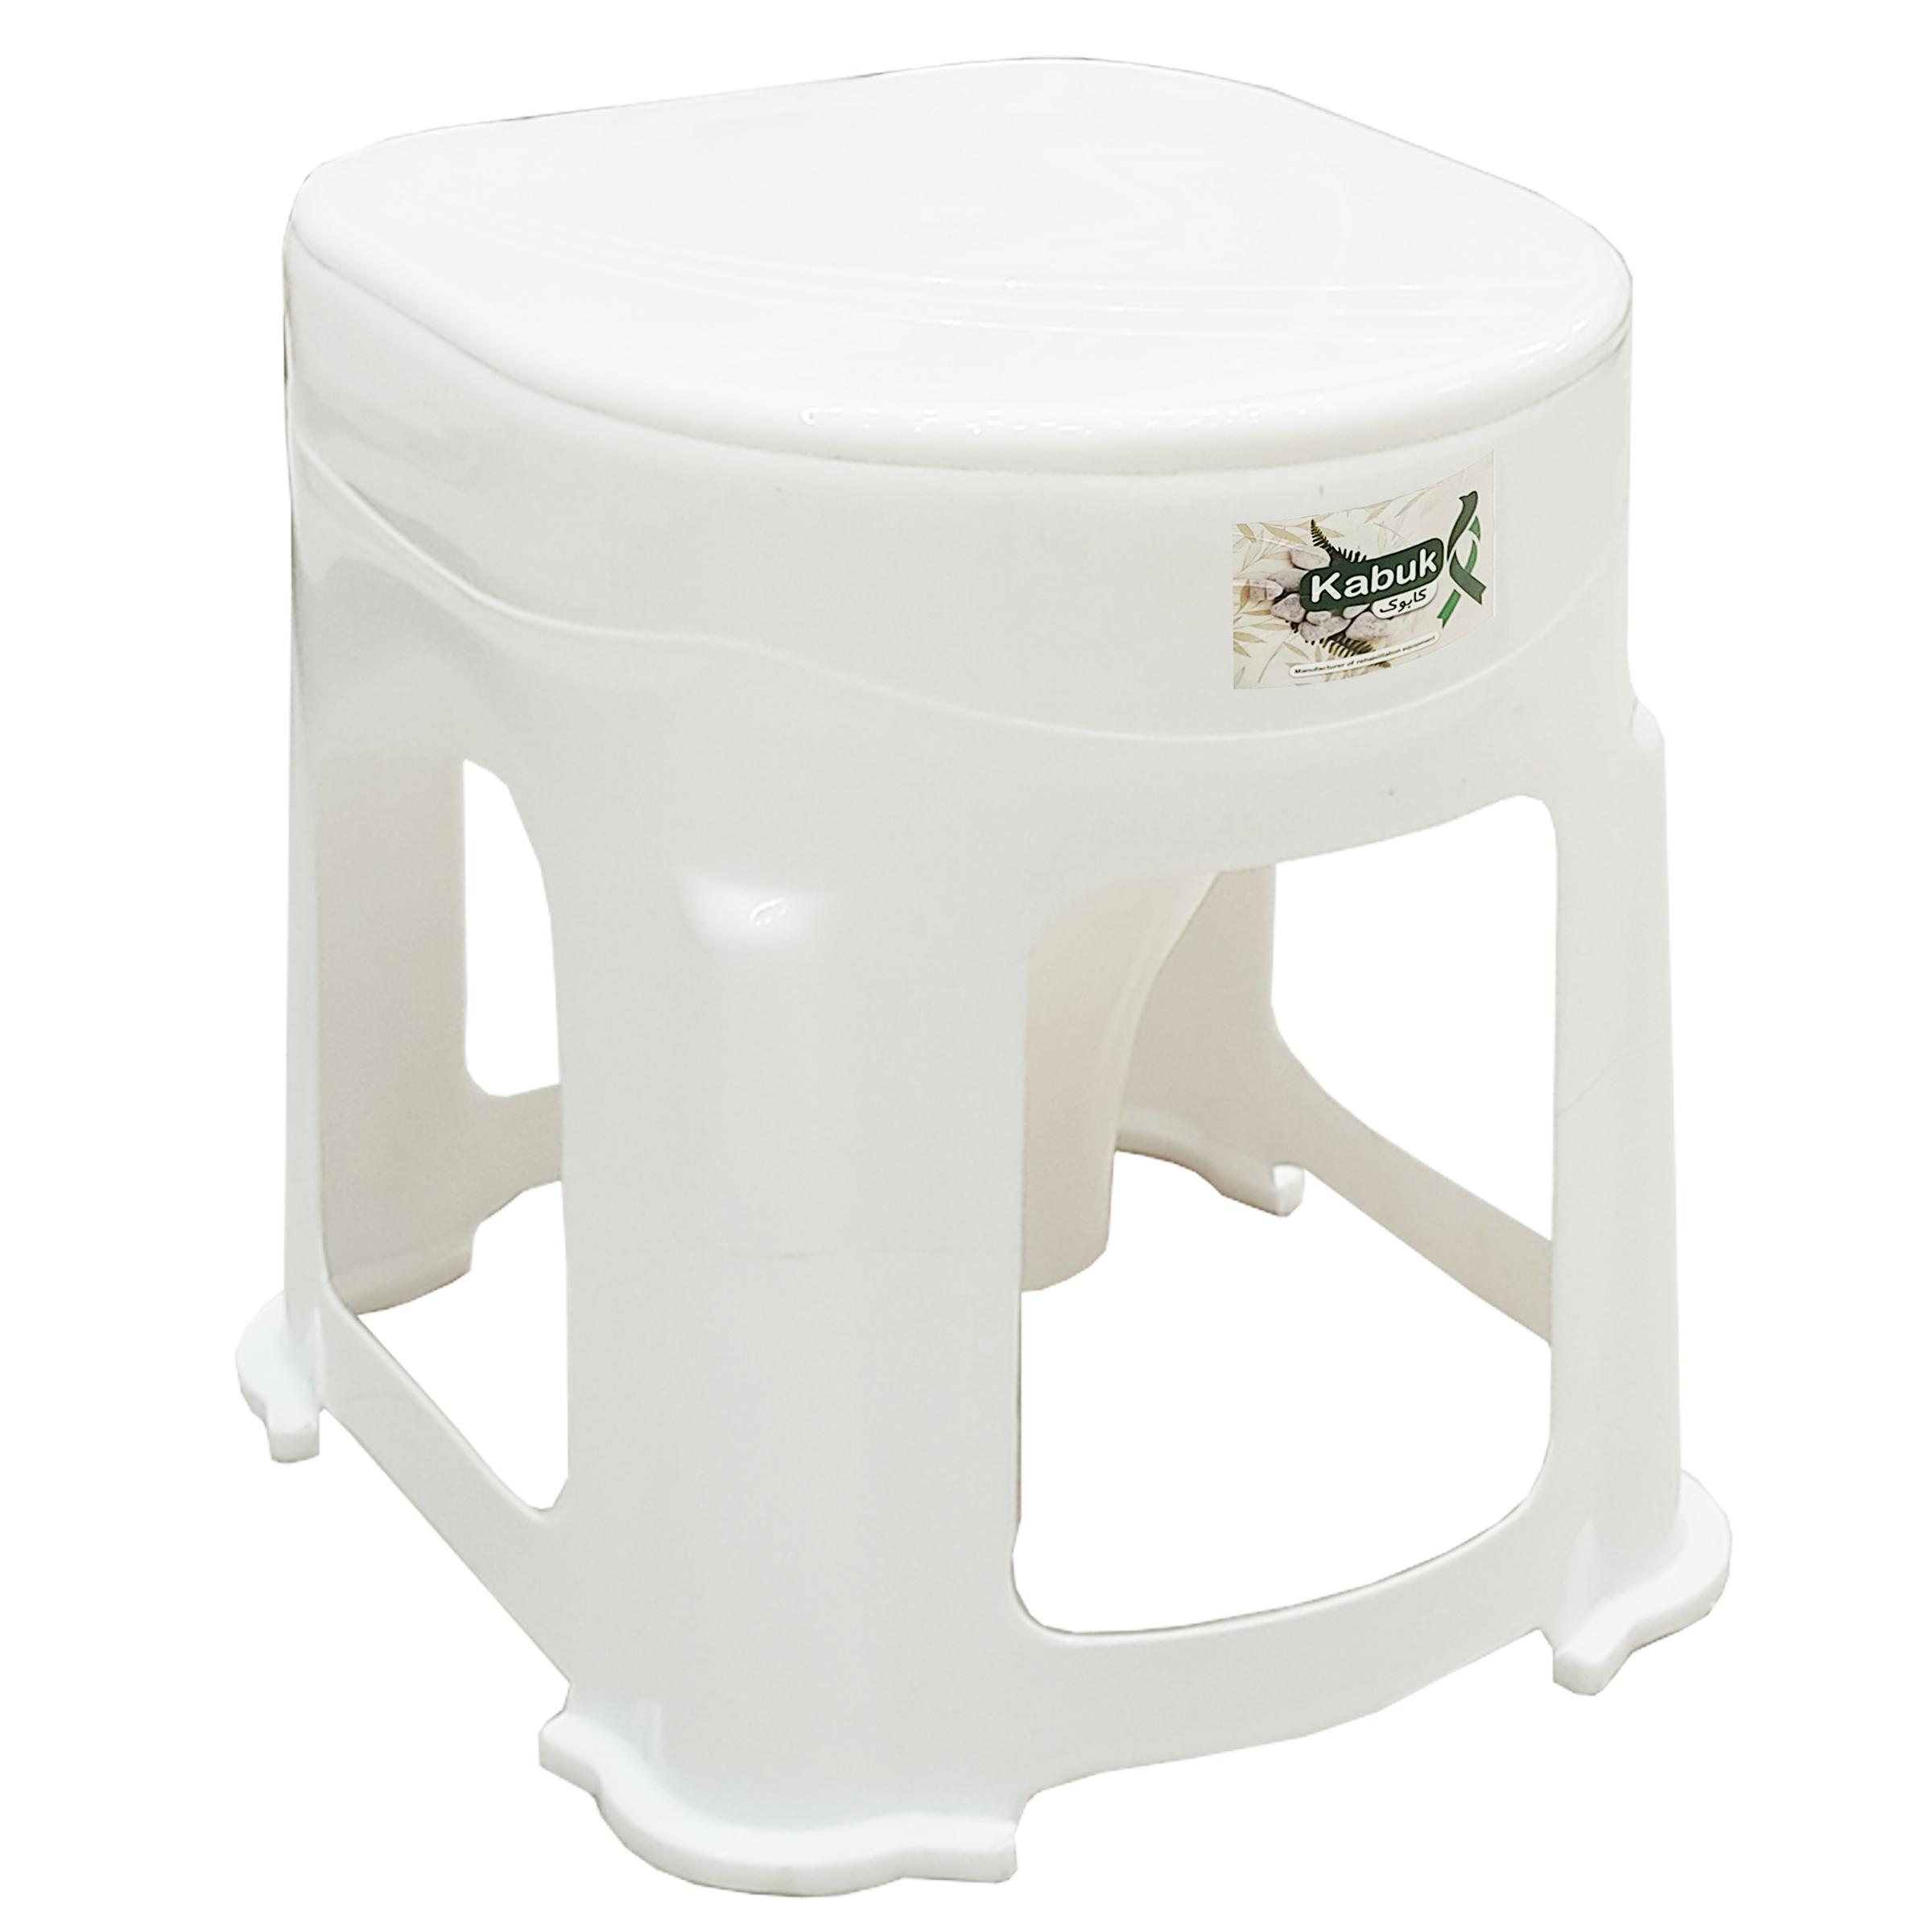 توالت فرنگی کابوک مدل k-405